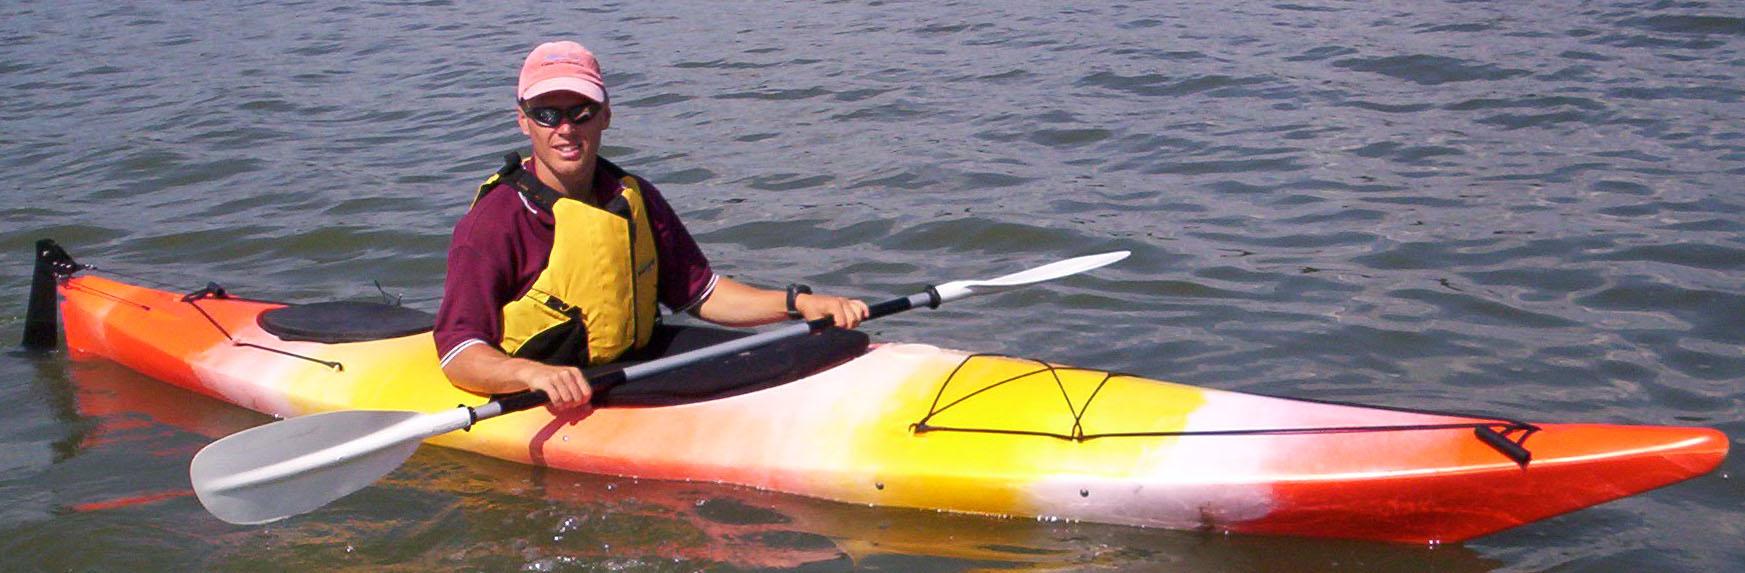 Saratoga Bay Touring Kayak made in Australia by Australis